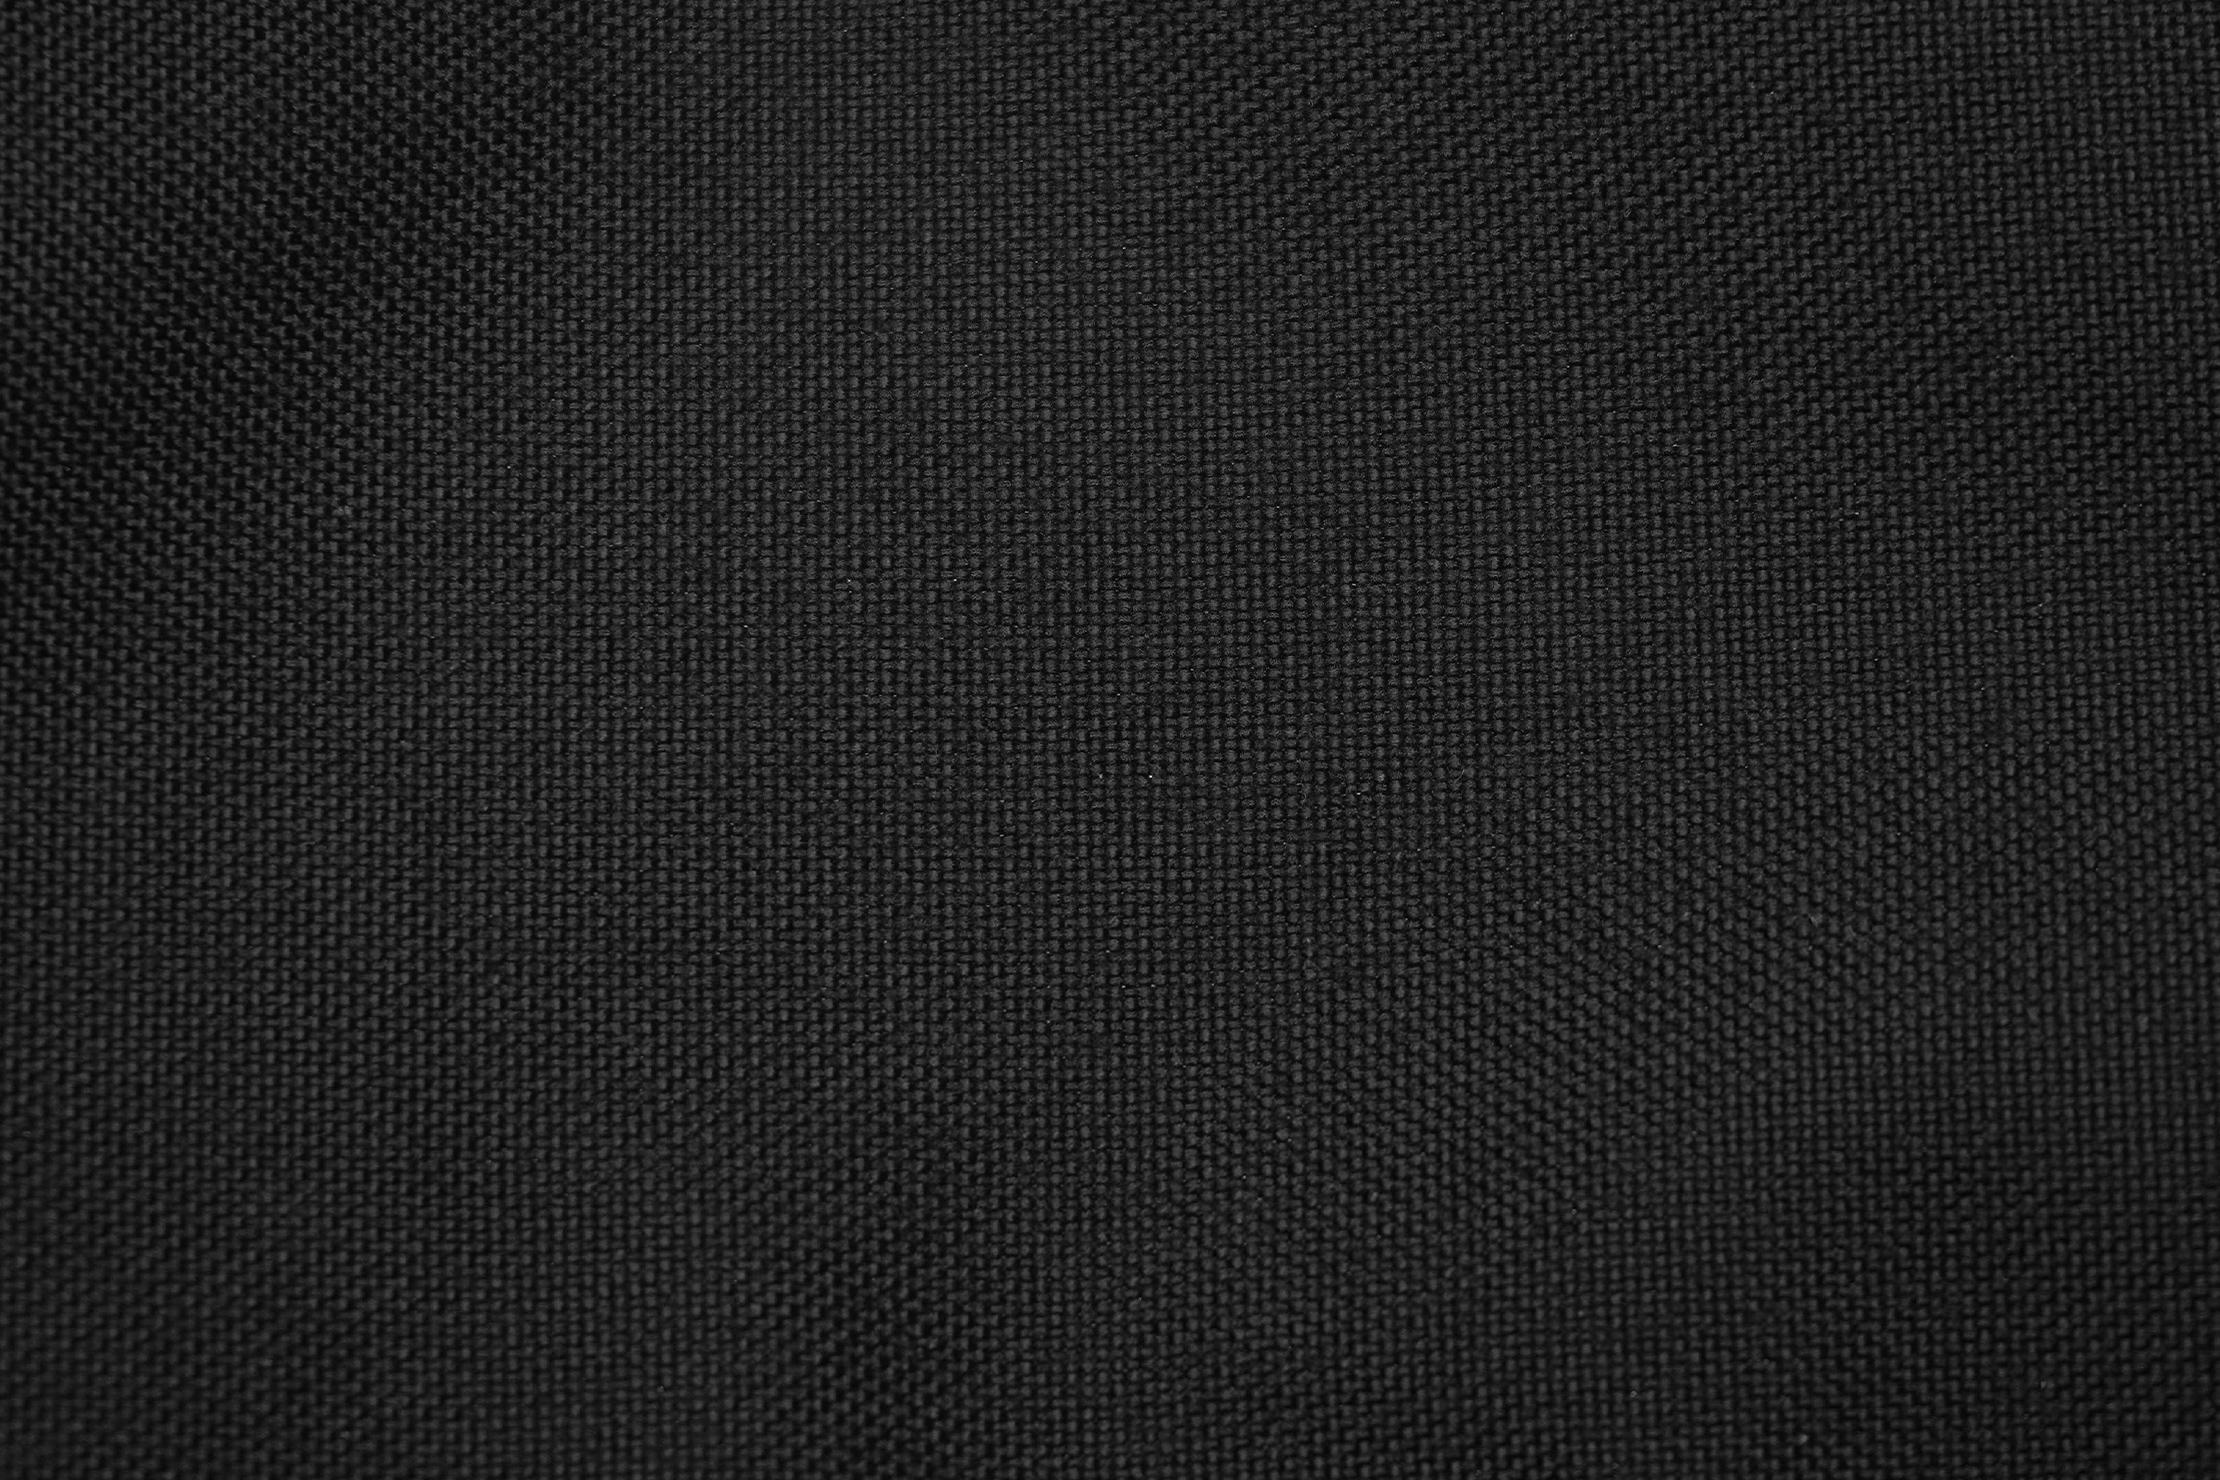 Topo Designs Core Pack Exterior Material